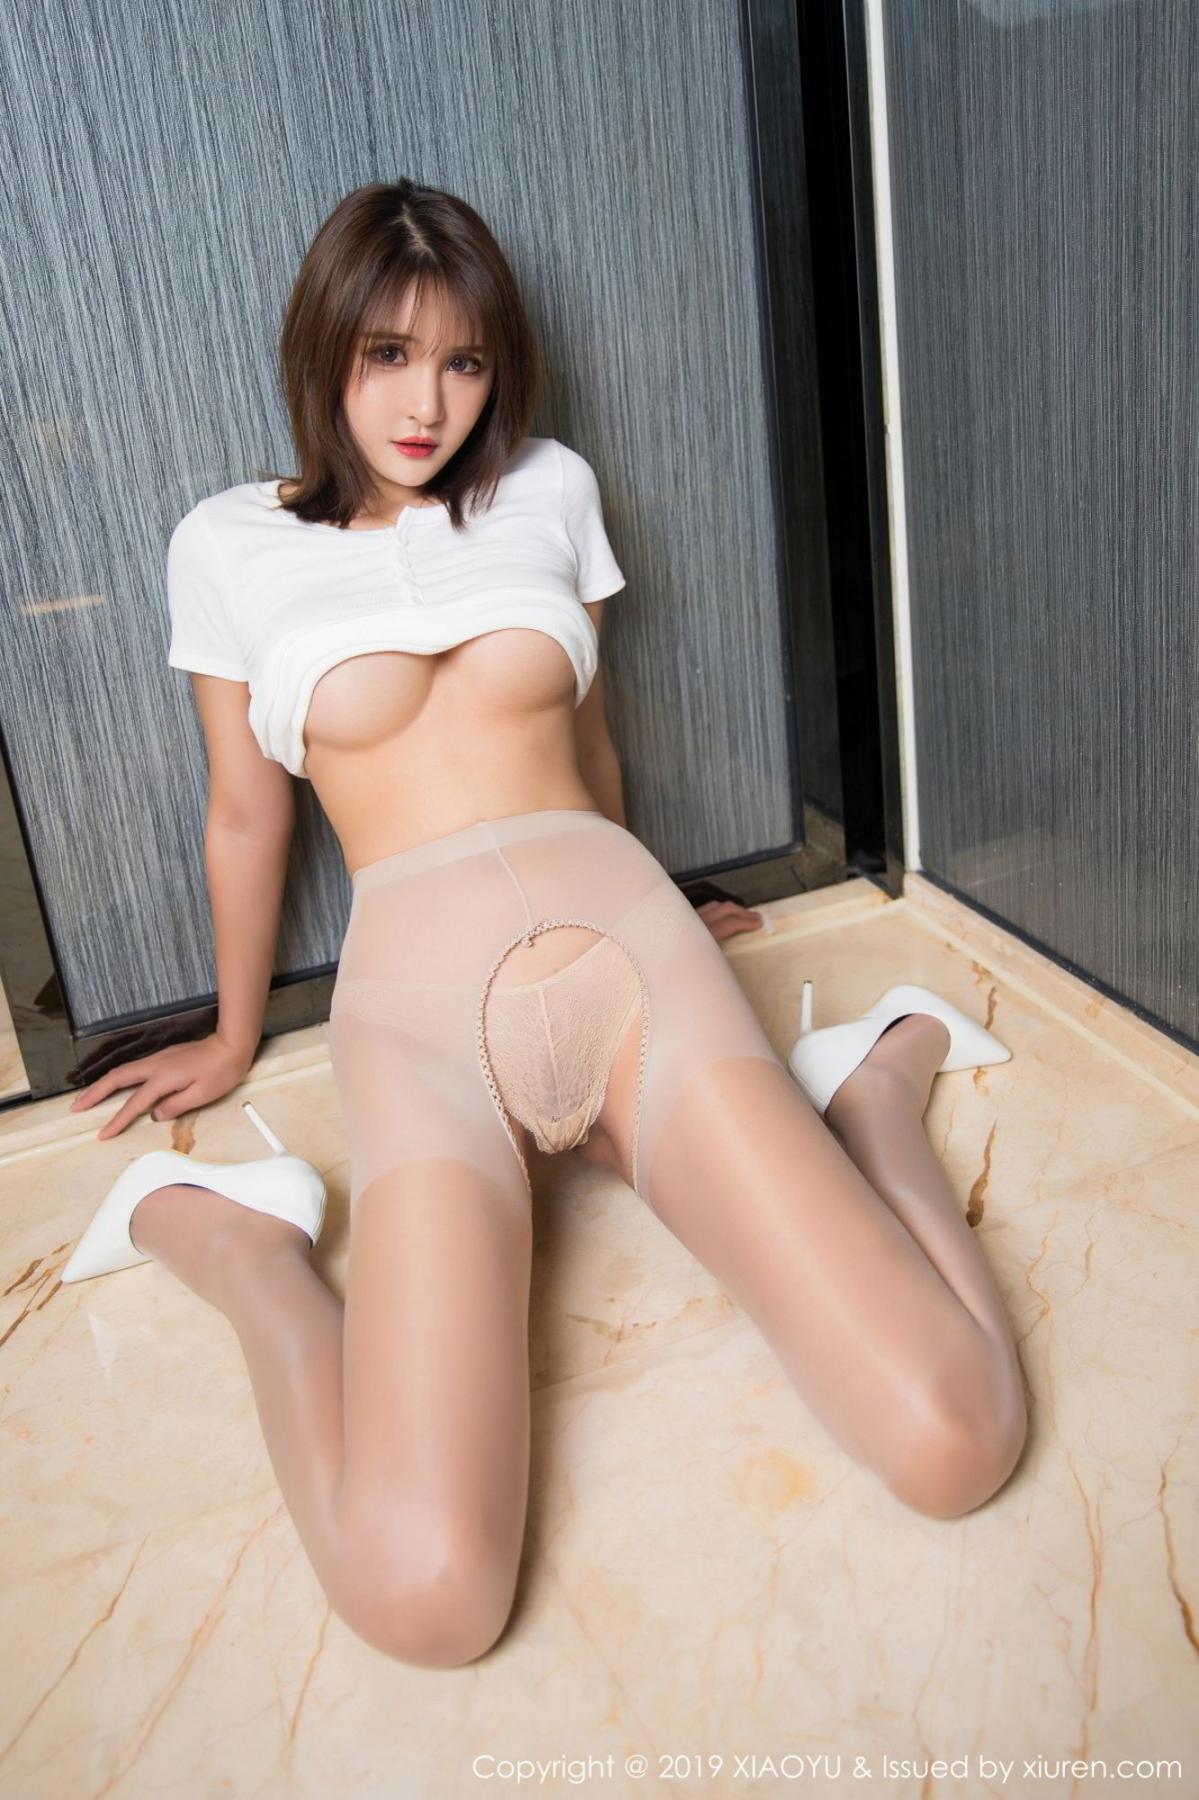 [XiaoYu] Vol.112 Solo Yi Fei 3P, Solo Yi Fei, Underwear, XiaoYu